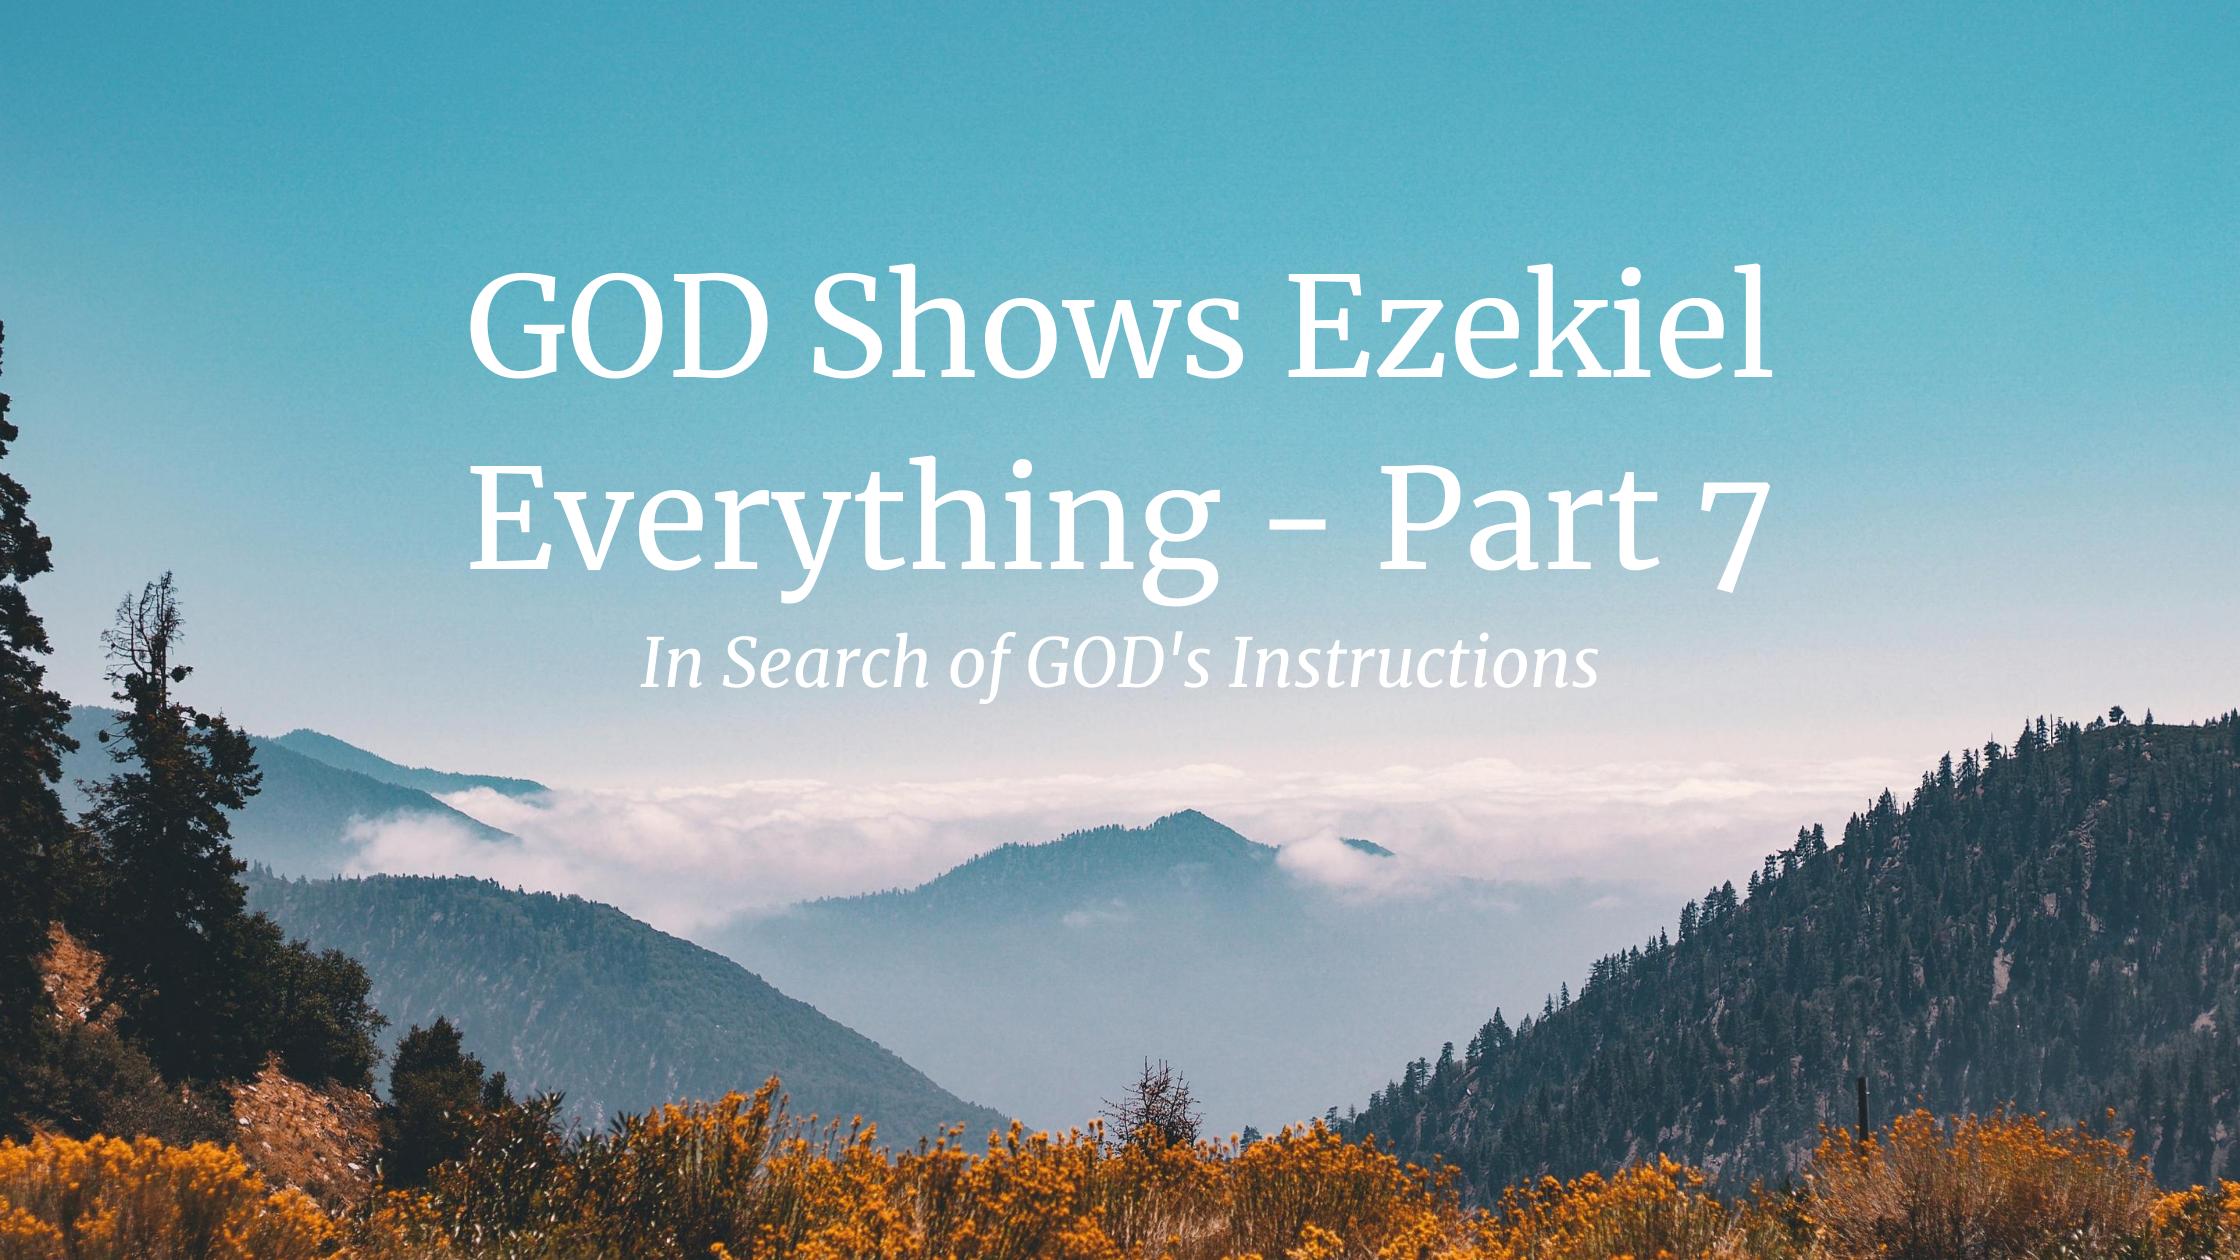 god-shows-ezekiel-everything-graphic-7